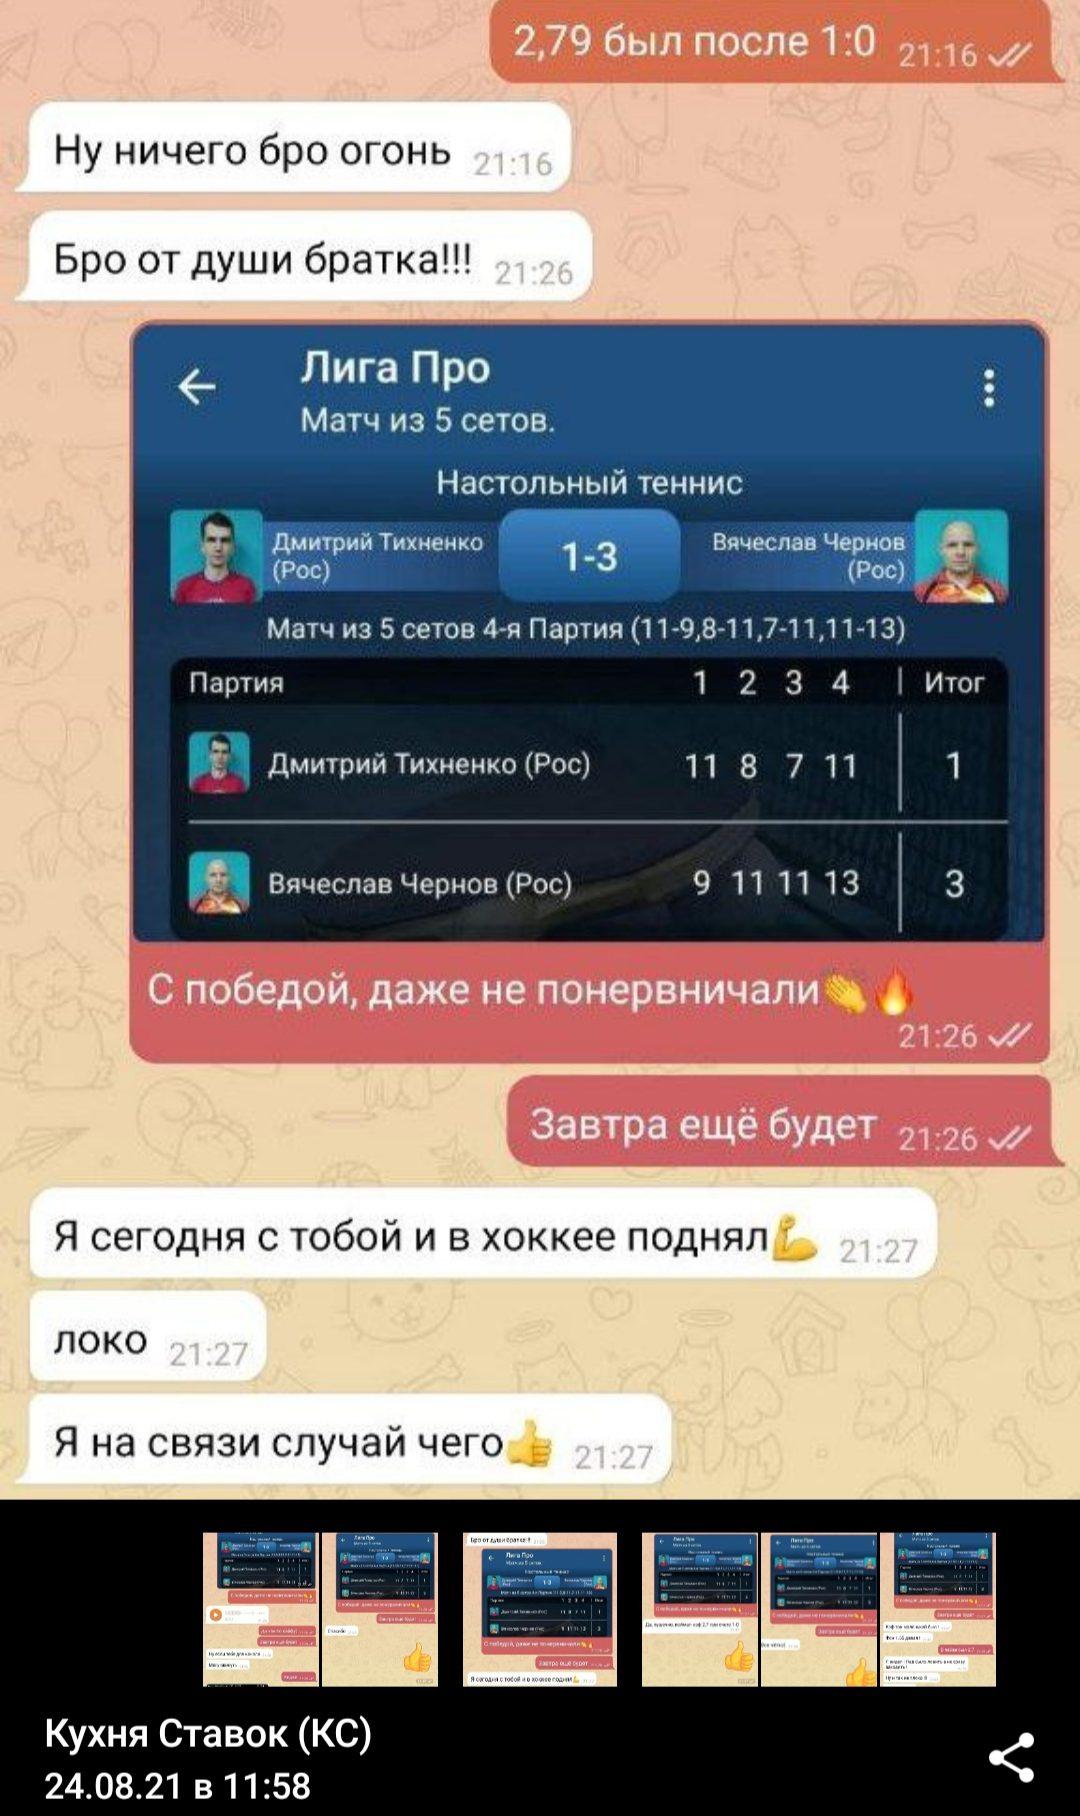 Отзывы о Телеграм канале Кухня Ставок